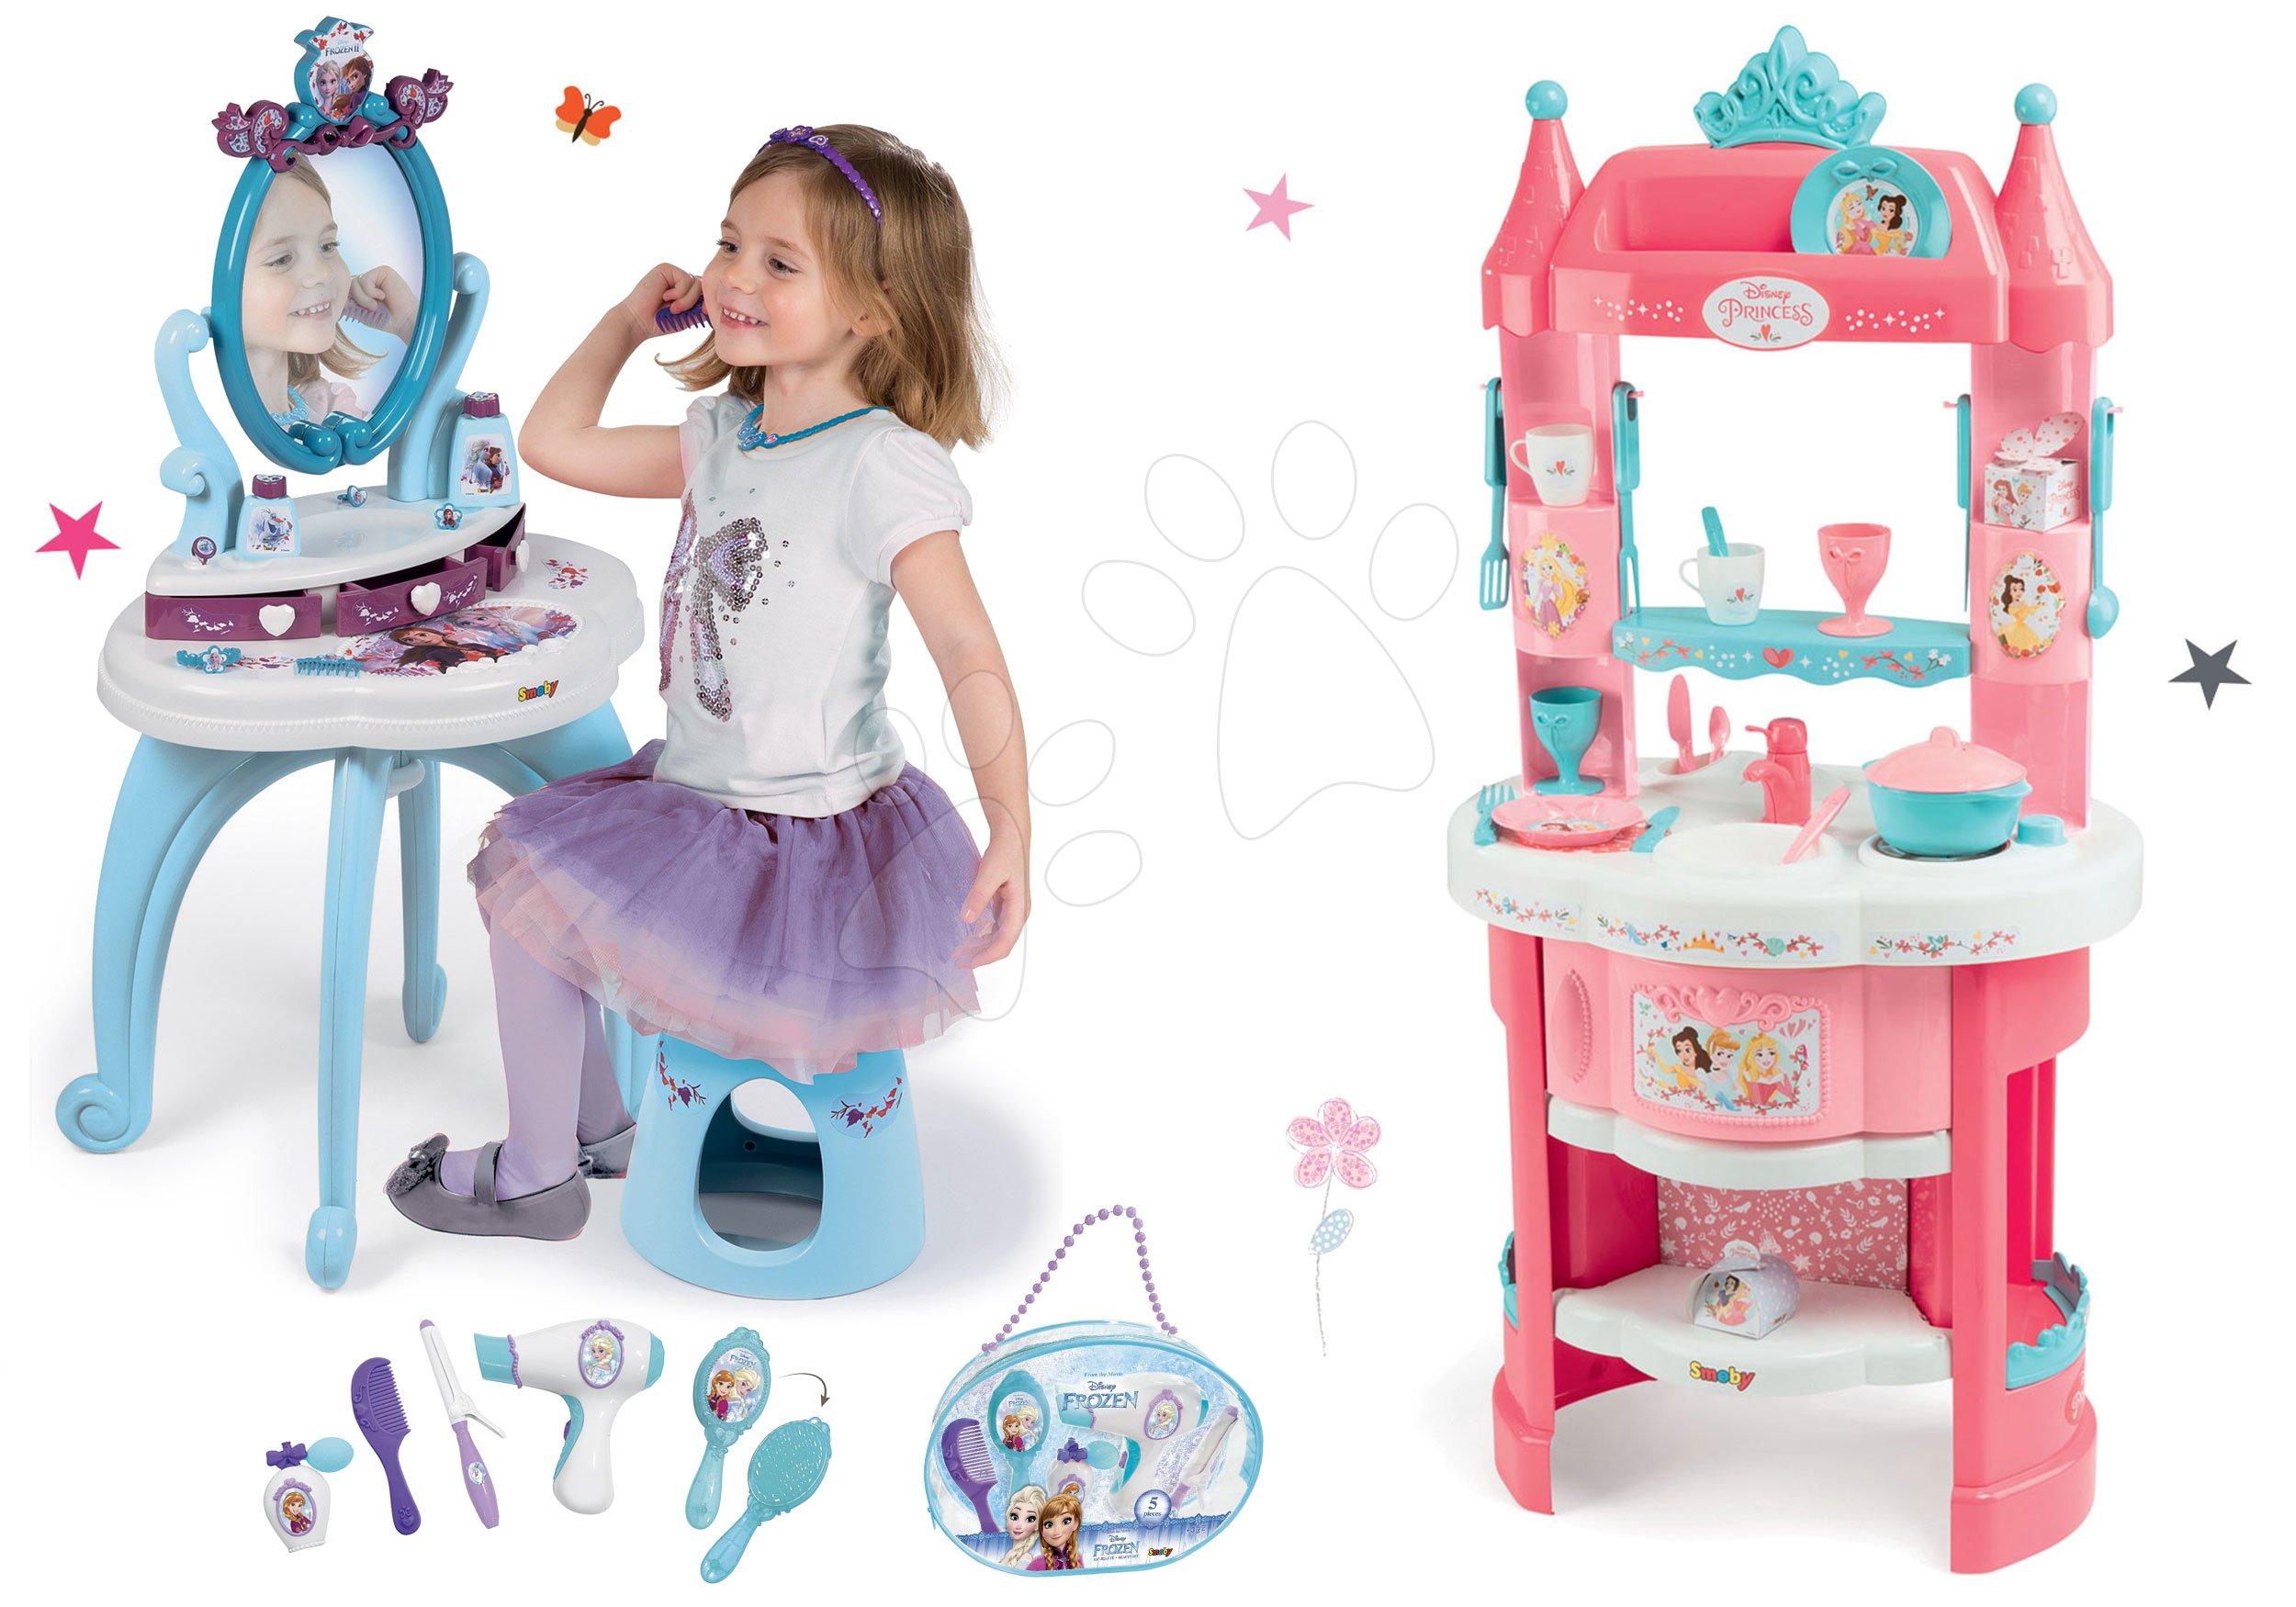 Kuhinje za djecu setovi - Set kuhinja Princeze Smoby obostrana s tornjevima i 19 dodataka i kozmetički stolić sa stolcem i kozmetička torbica